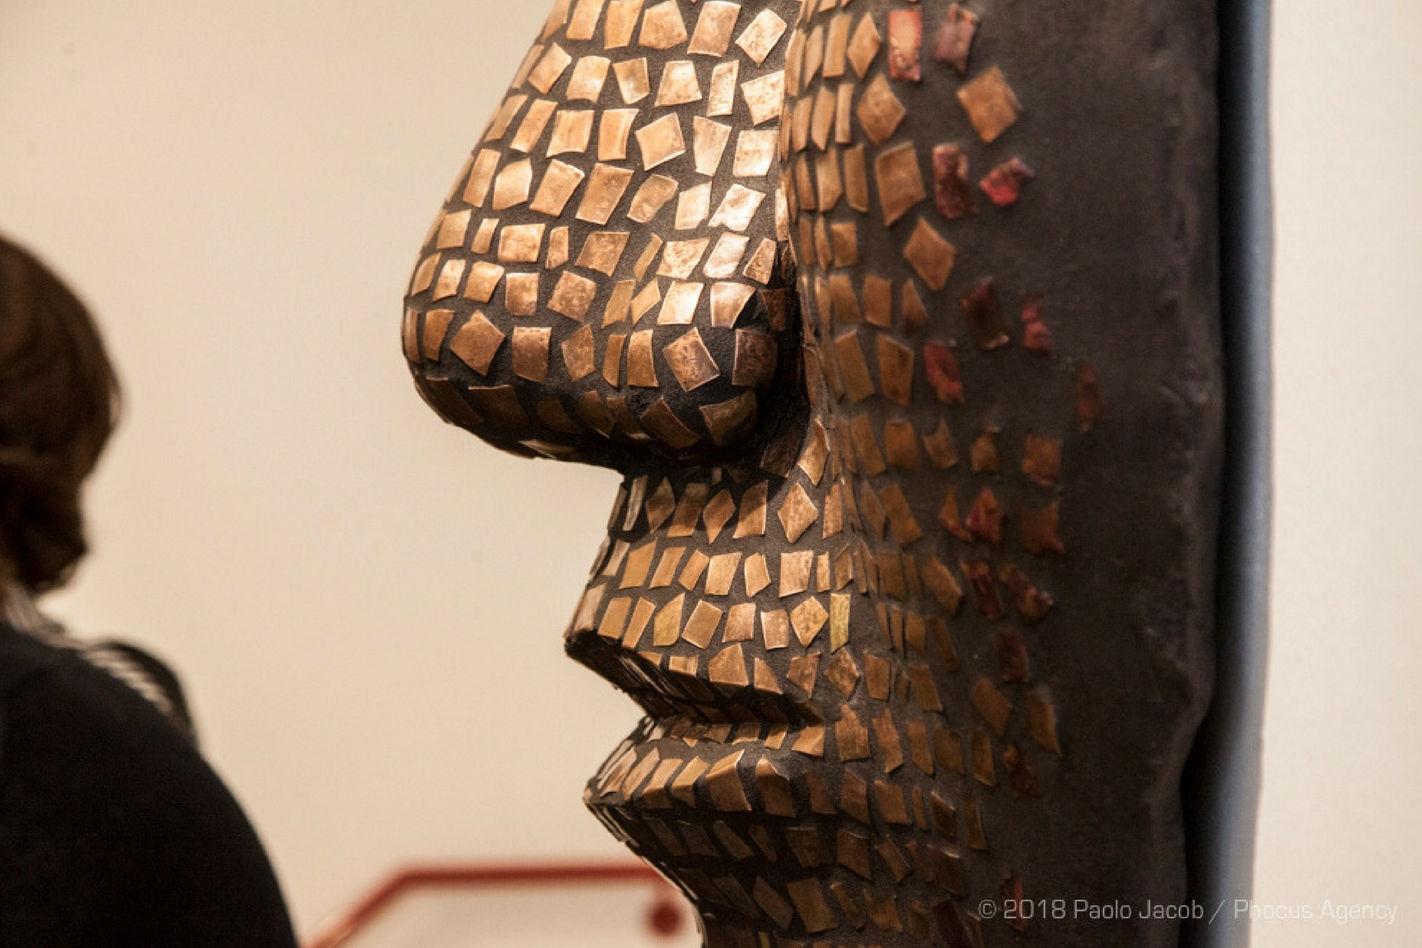 Le mostre e le esposizioni. Per raccontare le diseguaglianze attraverso l'arte e le immagini